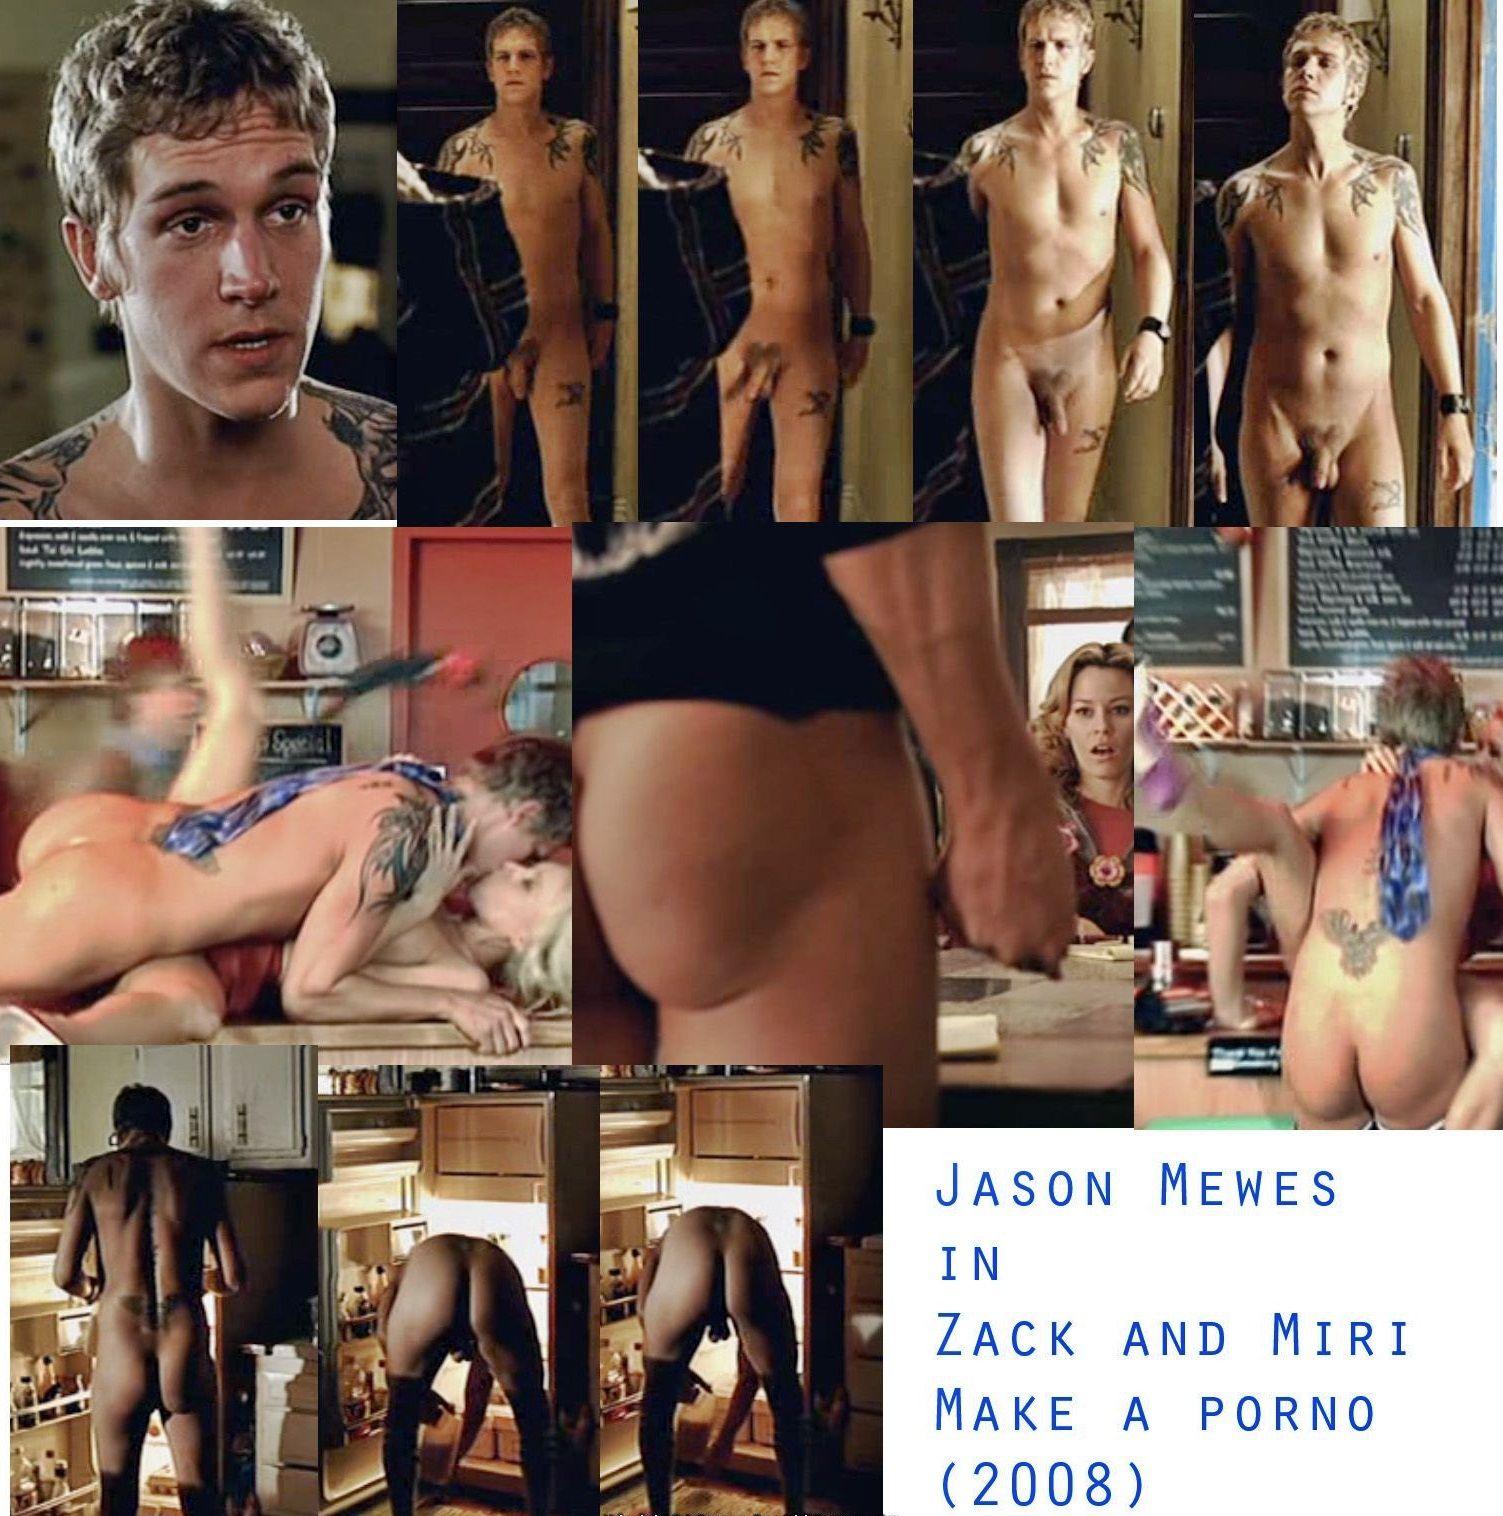 Nude zack and miri make a porno, all rough sex